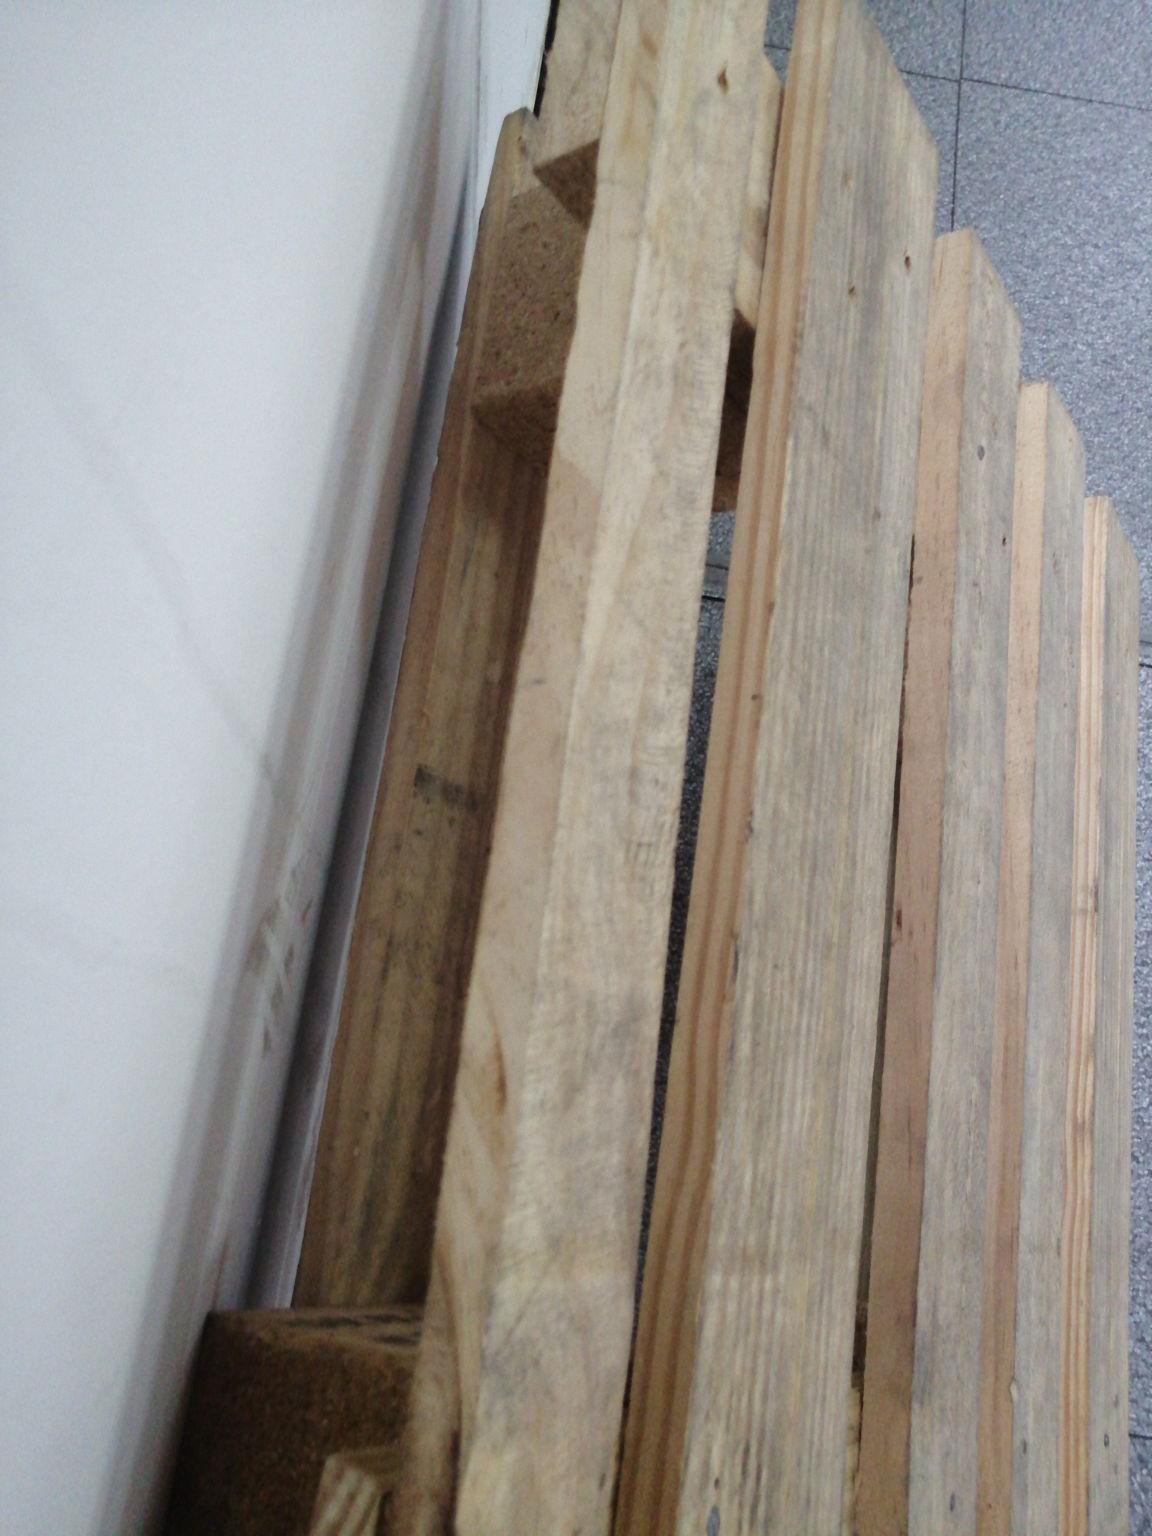 上海?,⅜┺㊑ℨ?质全木托盘厂家--上海熠杉木托盘有限公司上海